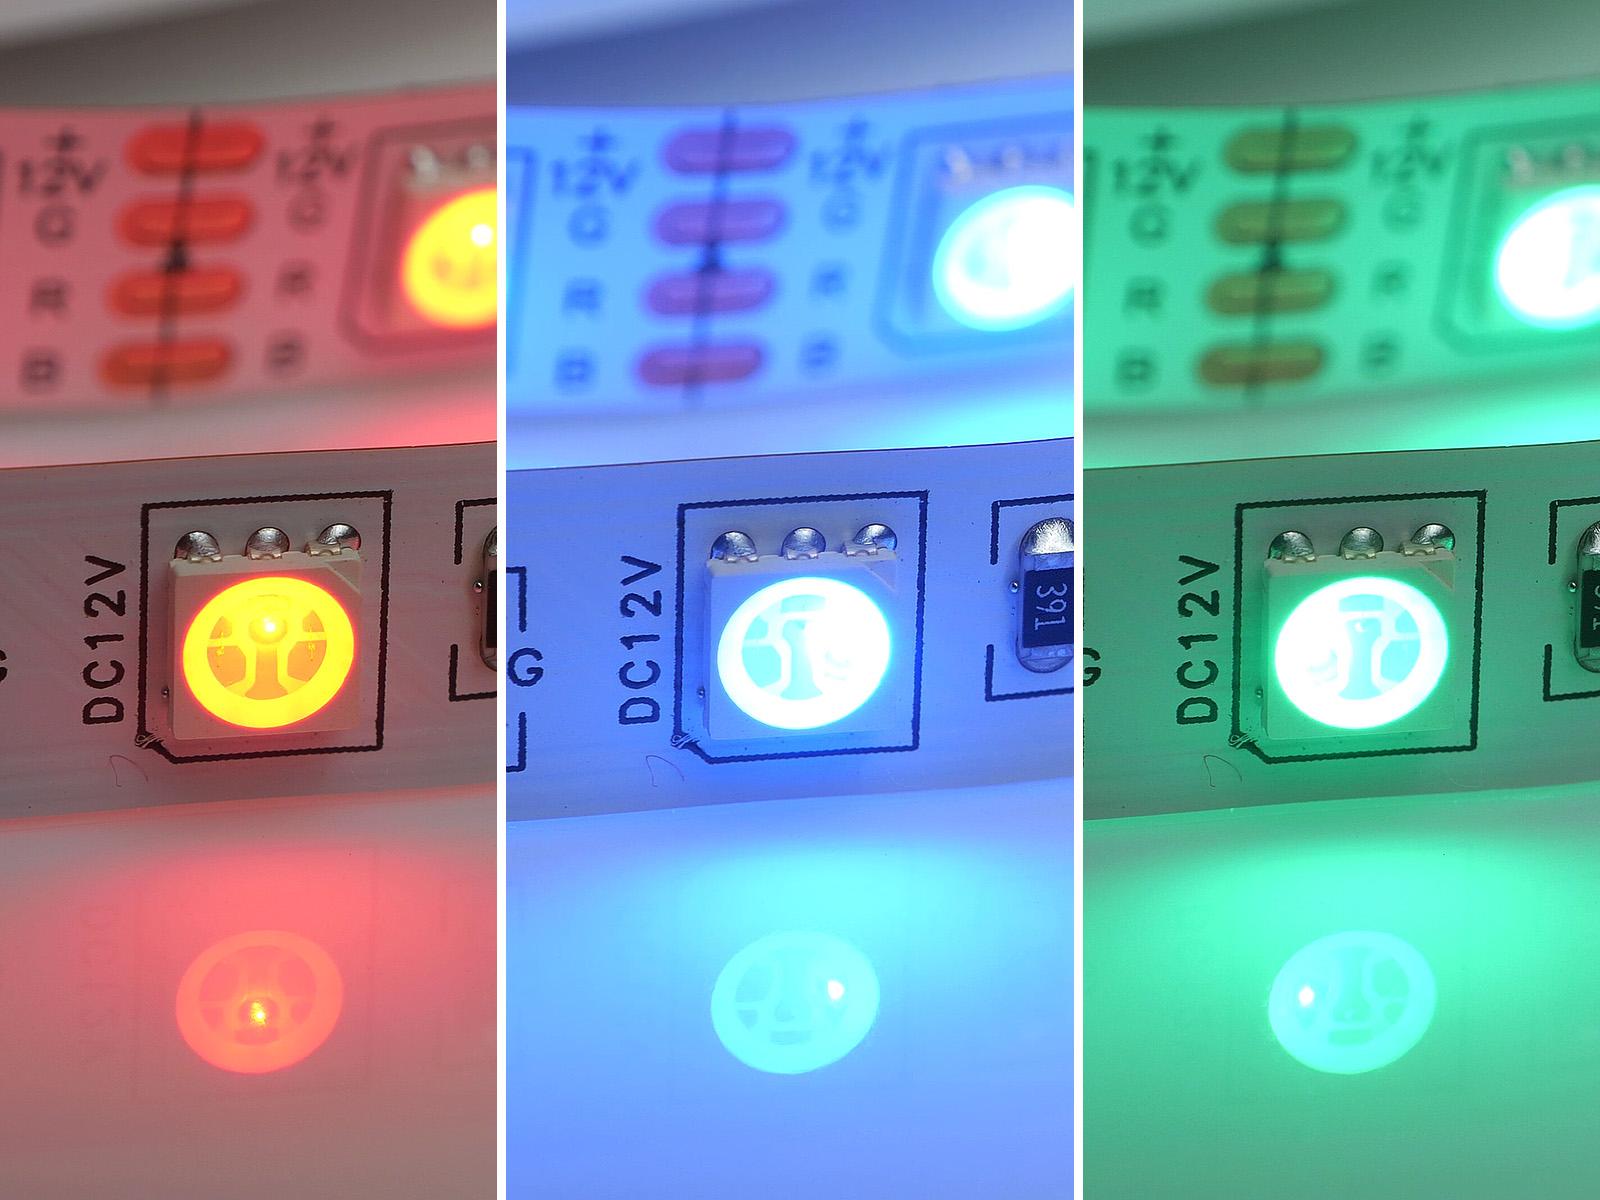 RGB LED szalag piros, zöld és kék fényt adó chipekkel, melyekből fehér fény is kikeverhető.